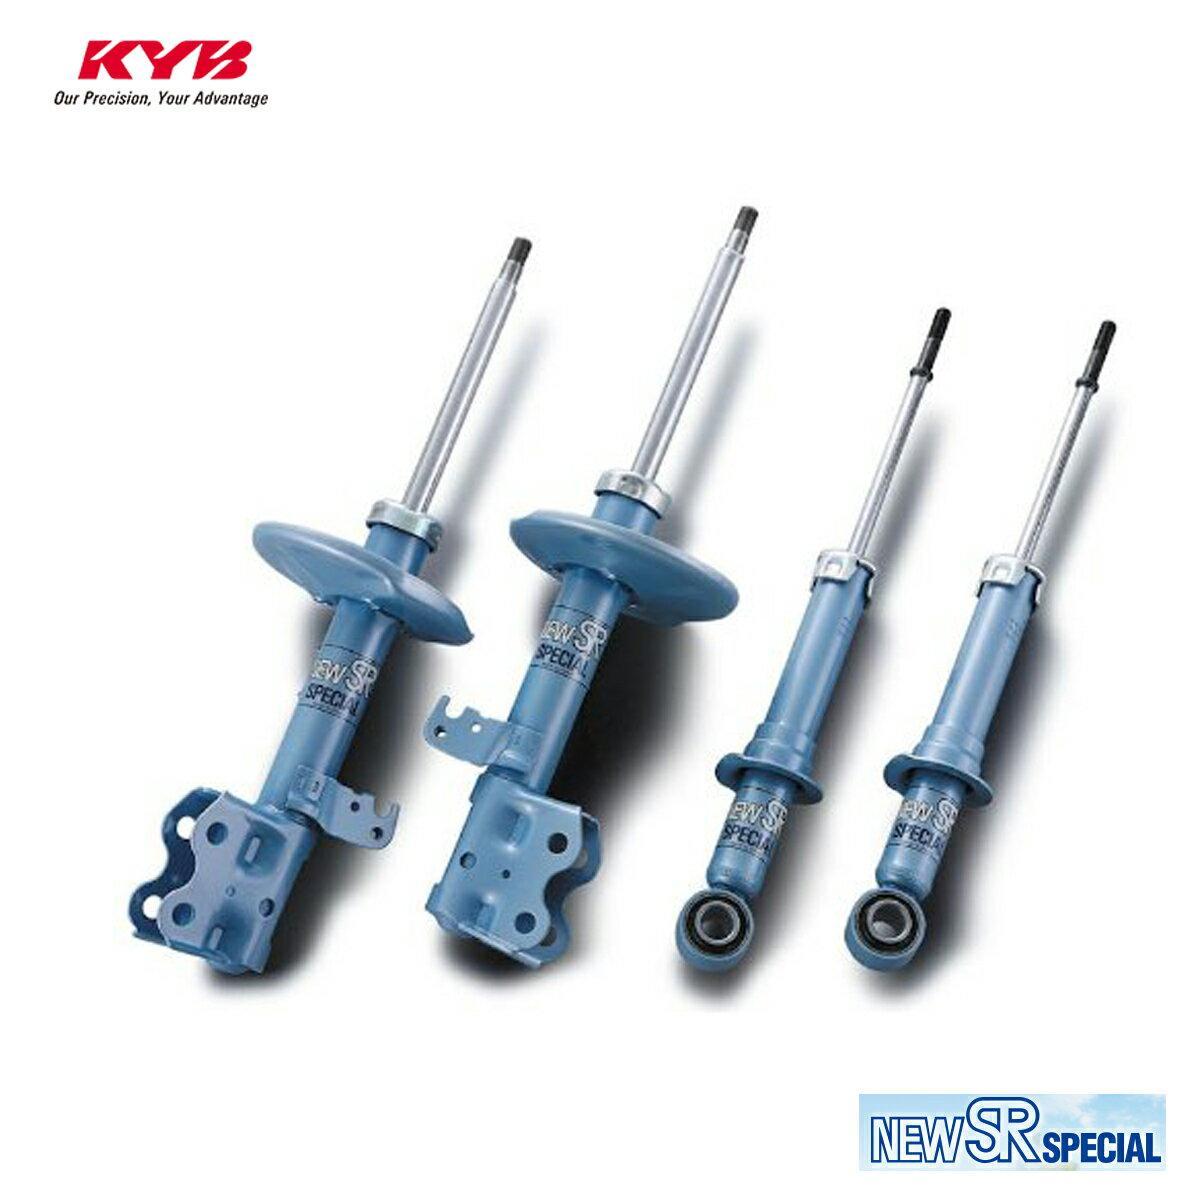 KYB カヤバ シビック AT110 ショックアブソーバー フロント 右用 1本 NEW SR SPECIAL NST1002R 配送先条件有り